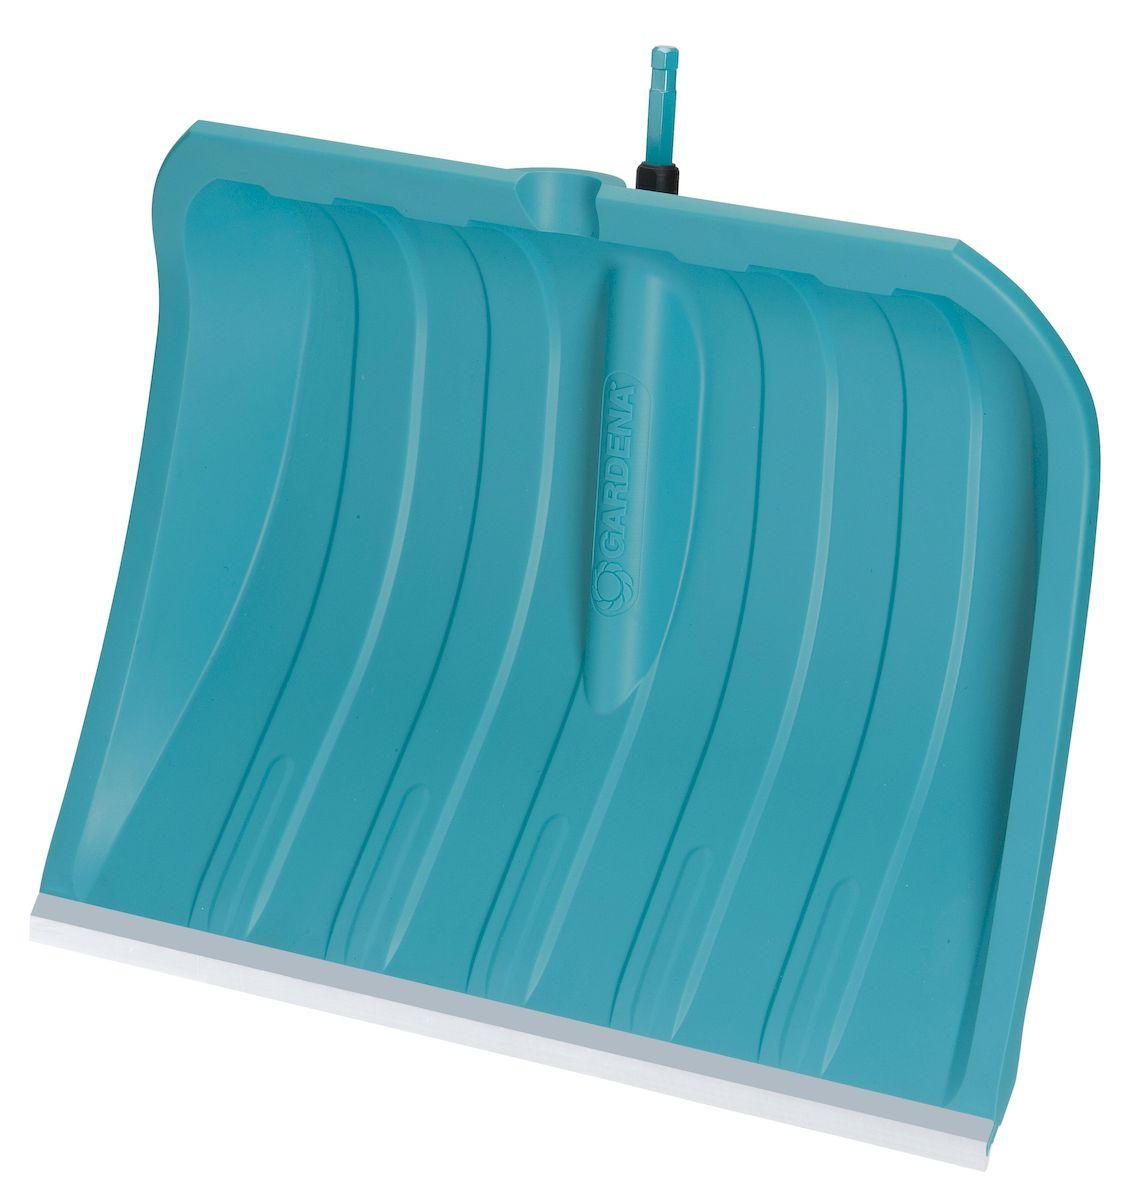 Лопата для уборки снега Gardena c кромкой из нержавеющей стали, без ручки, ширина 50 см531-324Благодаря легкому и прочному пластиковому полотну шириной 50 см, лопата для уборки снега Gardena оптимально подходит для расчистки различных территорий и дорожек от снега. Широкие ребра пластикового полотна обеспечивают легкое скольжение лопаты, а гладкая структура поверхности полотна предотвращает налипание снега. Высокие боковые стенки позволяют легко удерживать снег на лопате во время переноски, при этом снег не соскальзывает сбоку. Пластиковое полотно чрезвычайно устойчиво к воздействию солей и выдерживает отрицательные температуры до - 40 °C. Благодаря кромке из нержавеющей стали, эта лопата для уборки снега идеально подходит для расчистки от снега таких поверхностей, как асфальт и бетон. Лопата для уборки подходит ко всем ручкам. Рабочая ширина лопаты - 50 см.